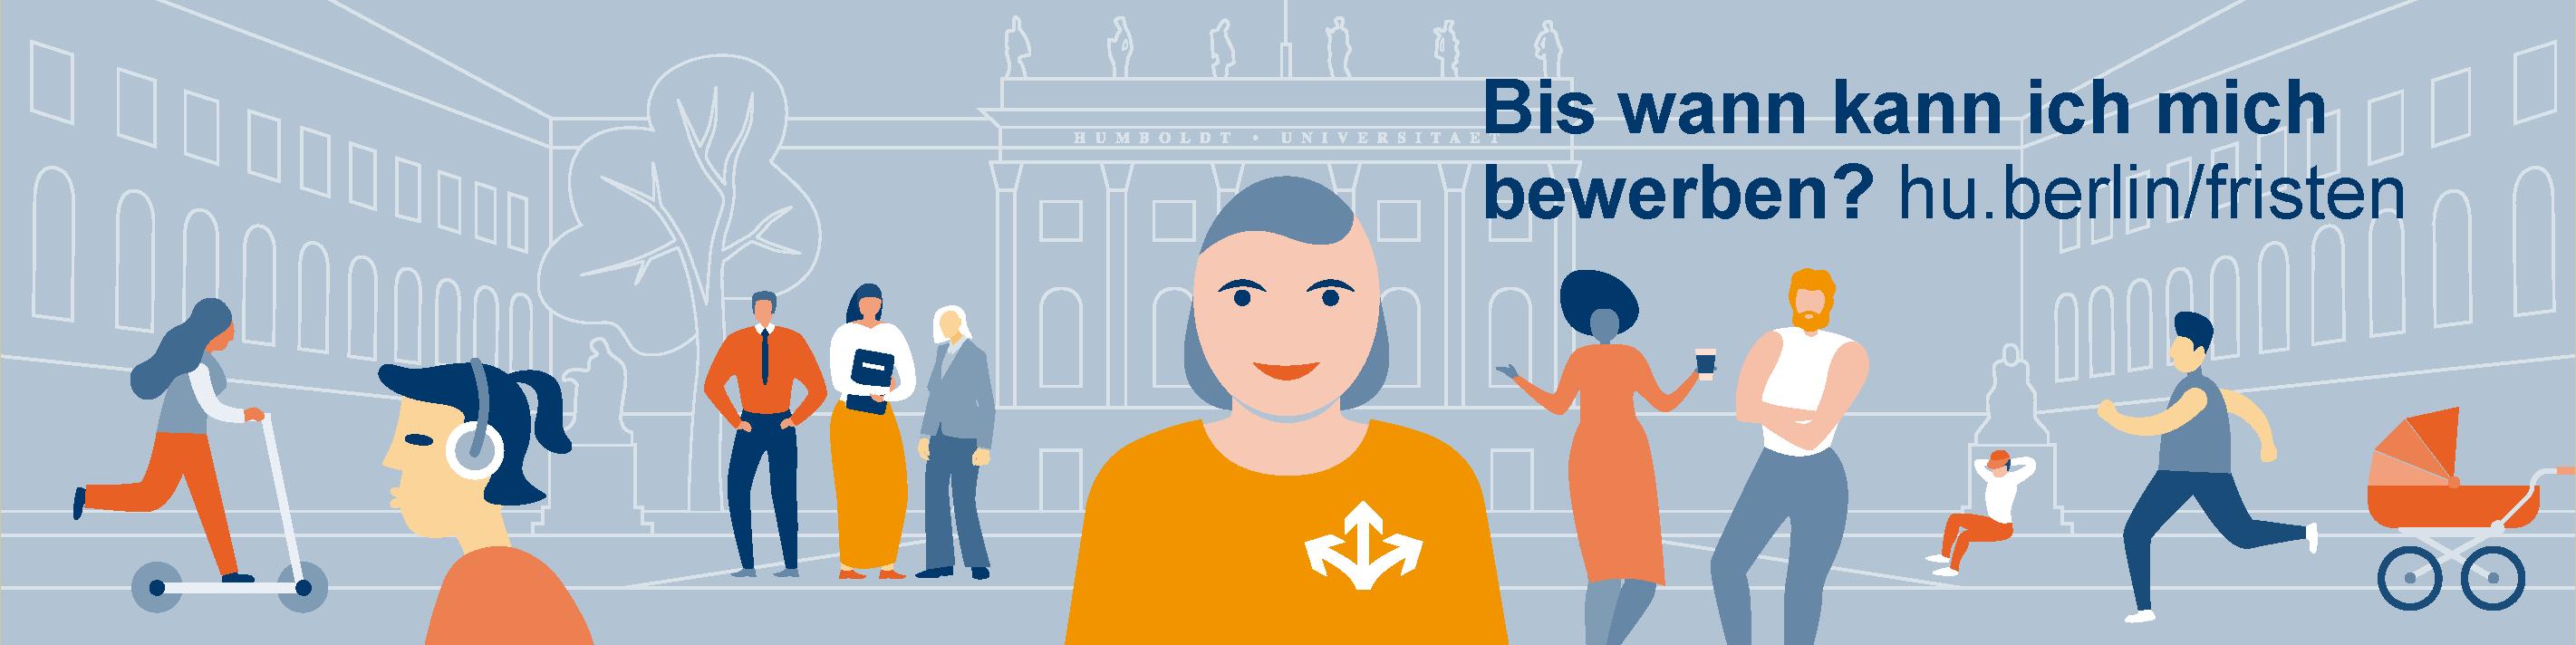 Deutscher Hu Berlin 12